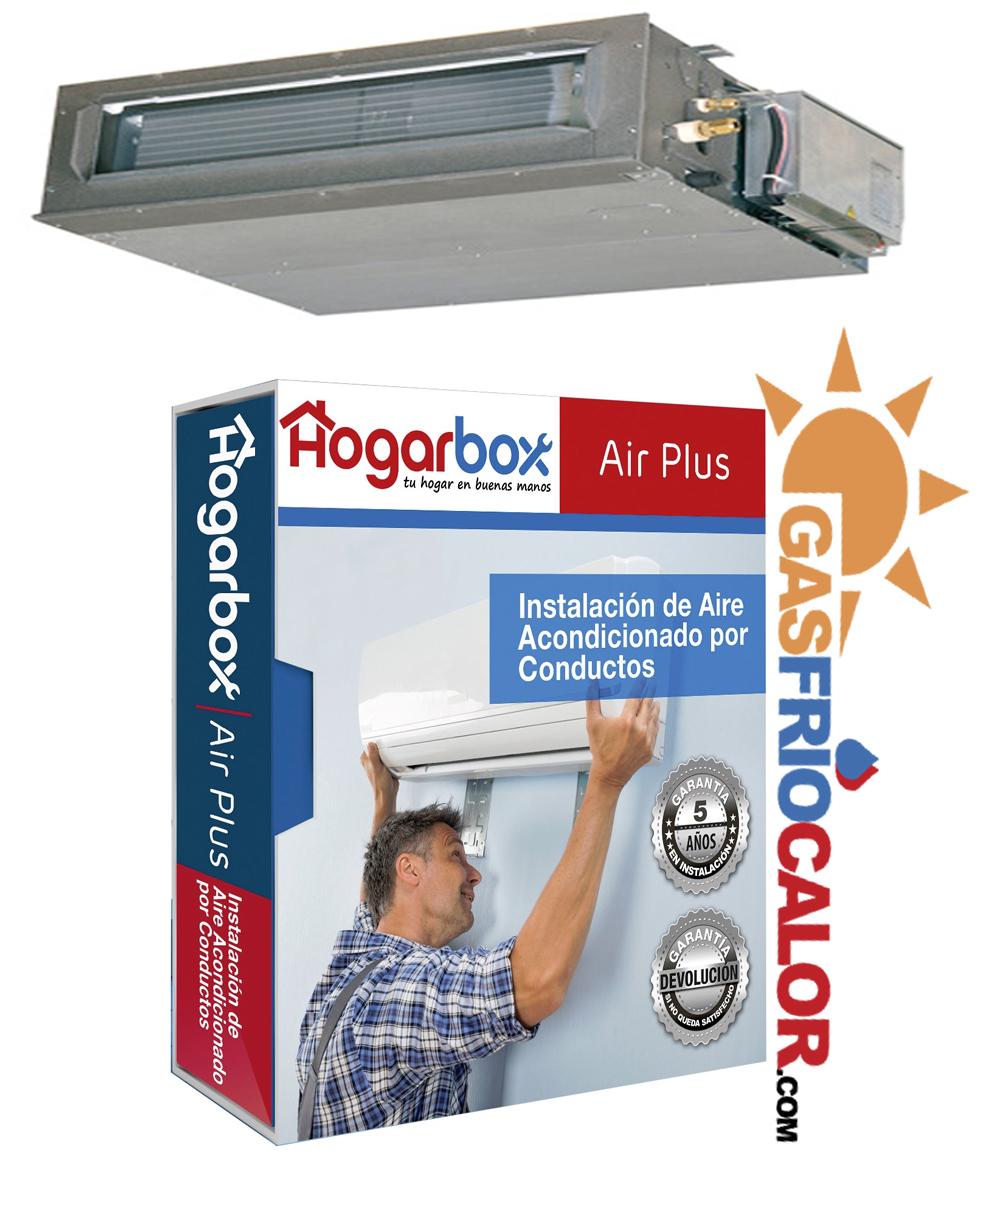 Cu nto cuesta instalar un aire acondicionado en una casa for Cuanto cuesta poner una puerta interior